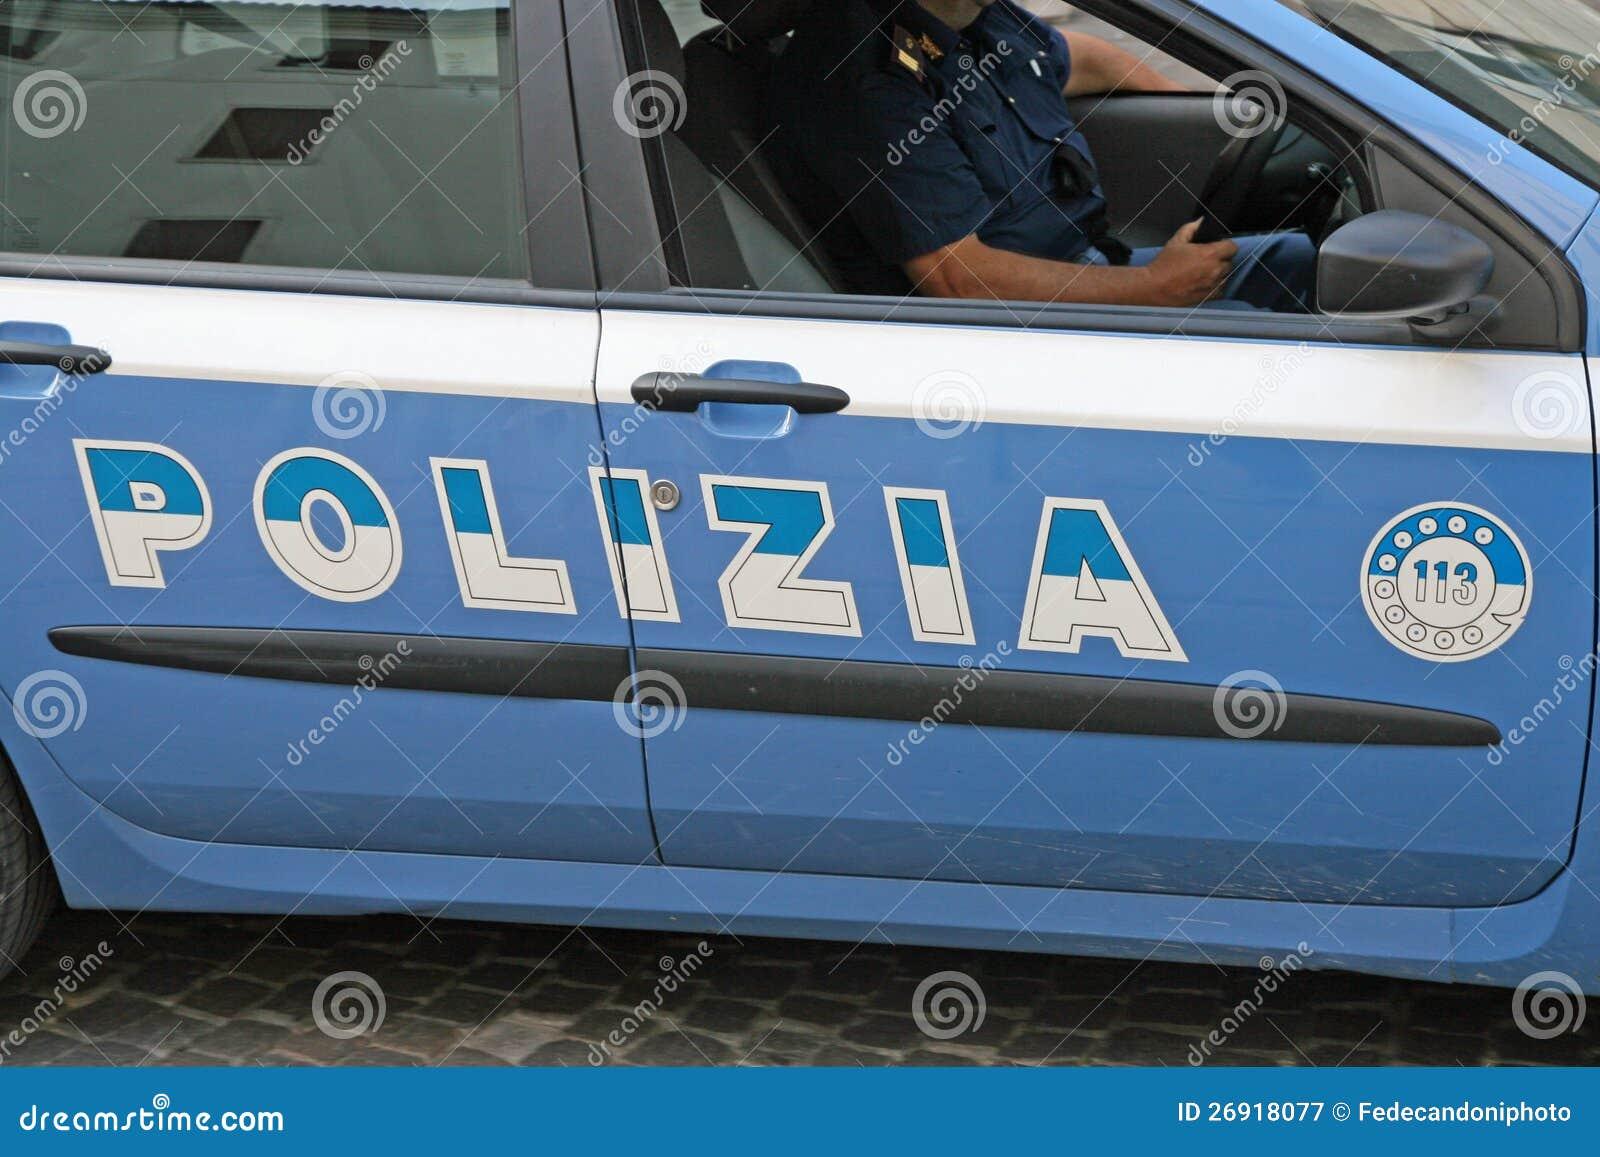 Ιταλικό περιπολικό της Αστυνομίας με γραπτό Polizia